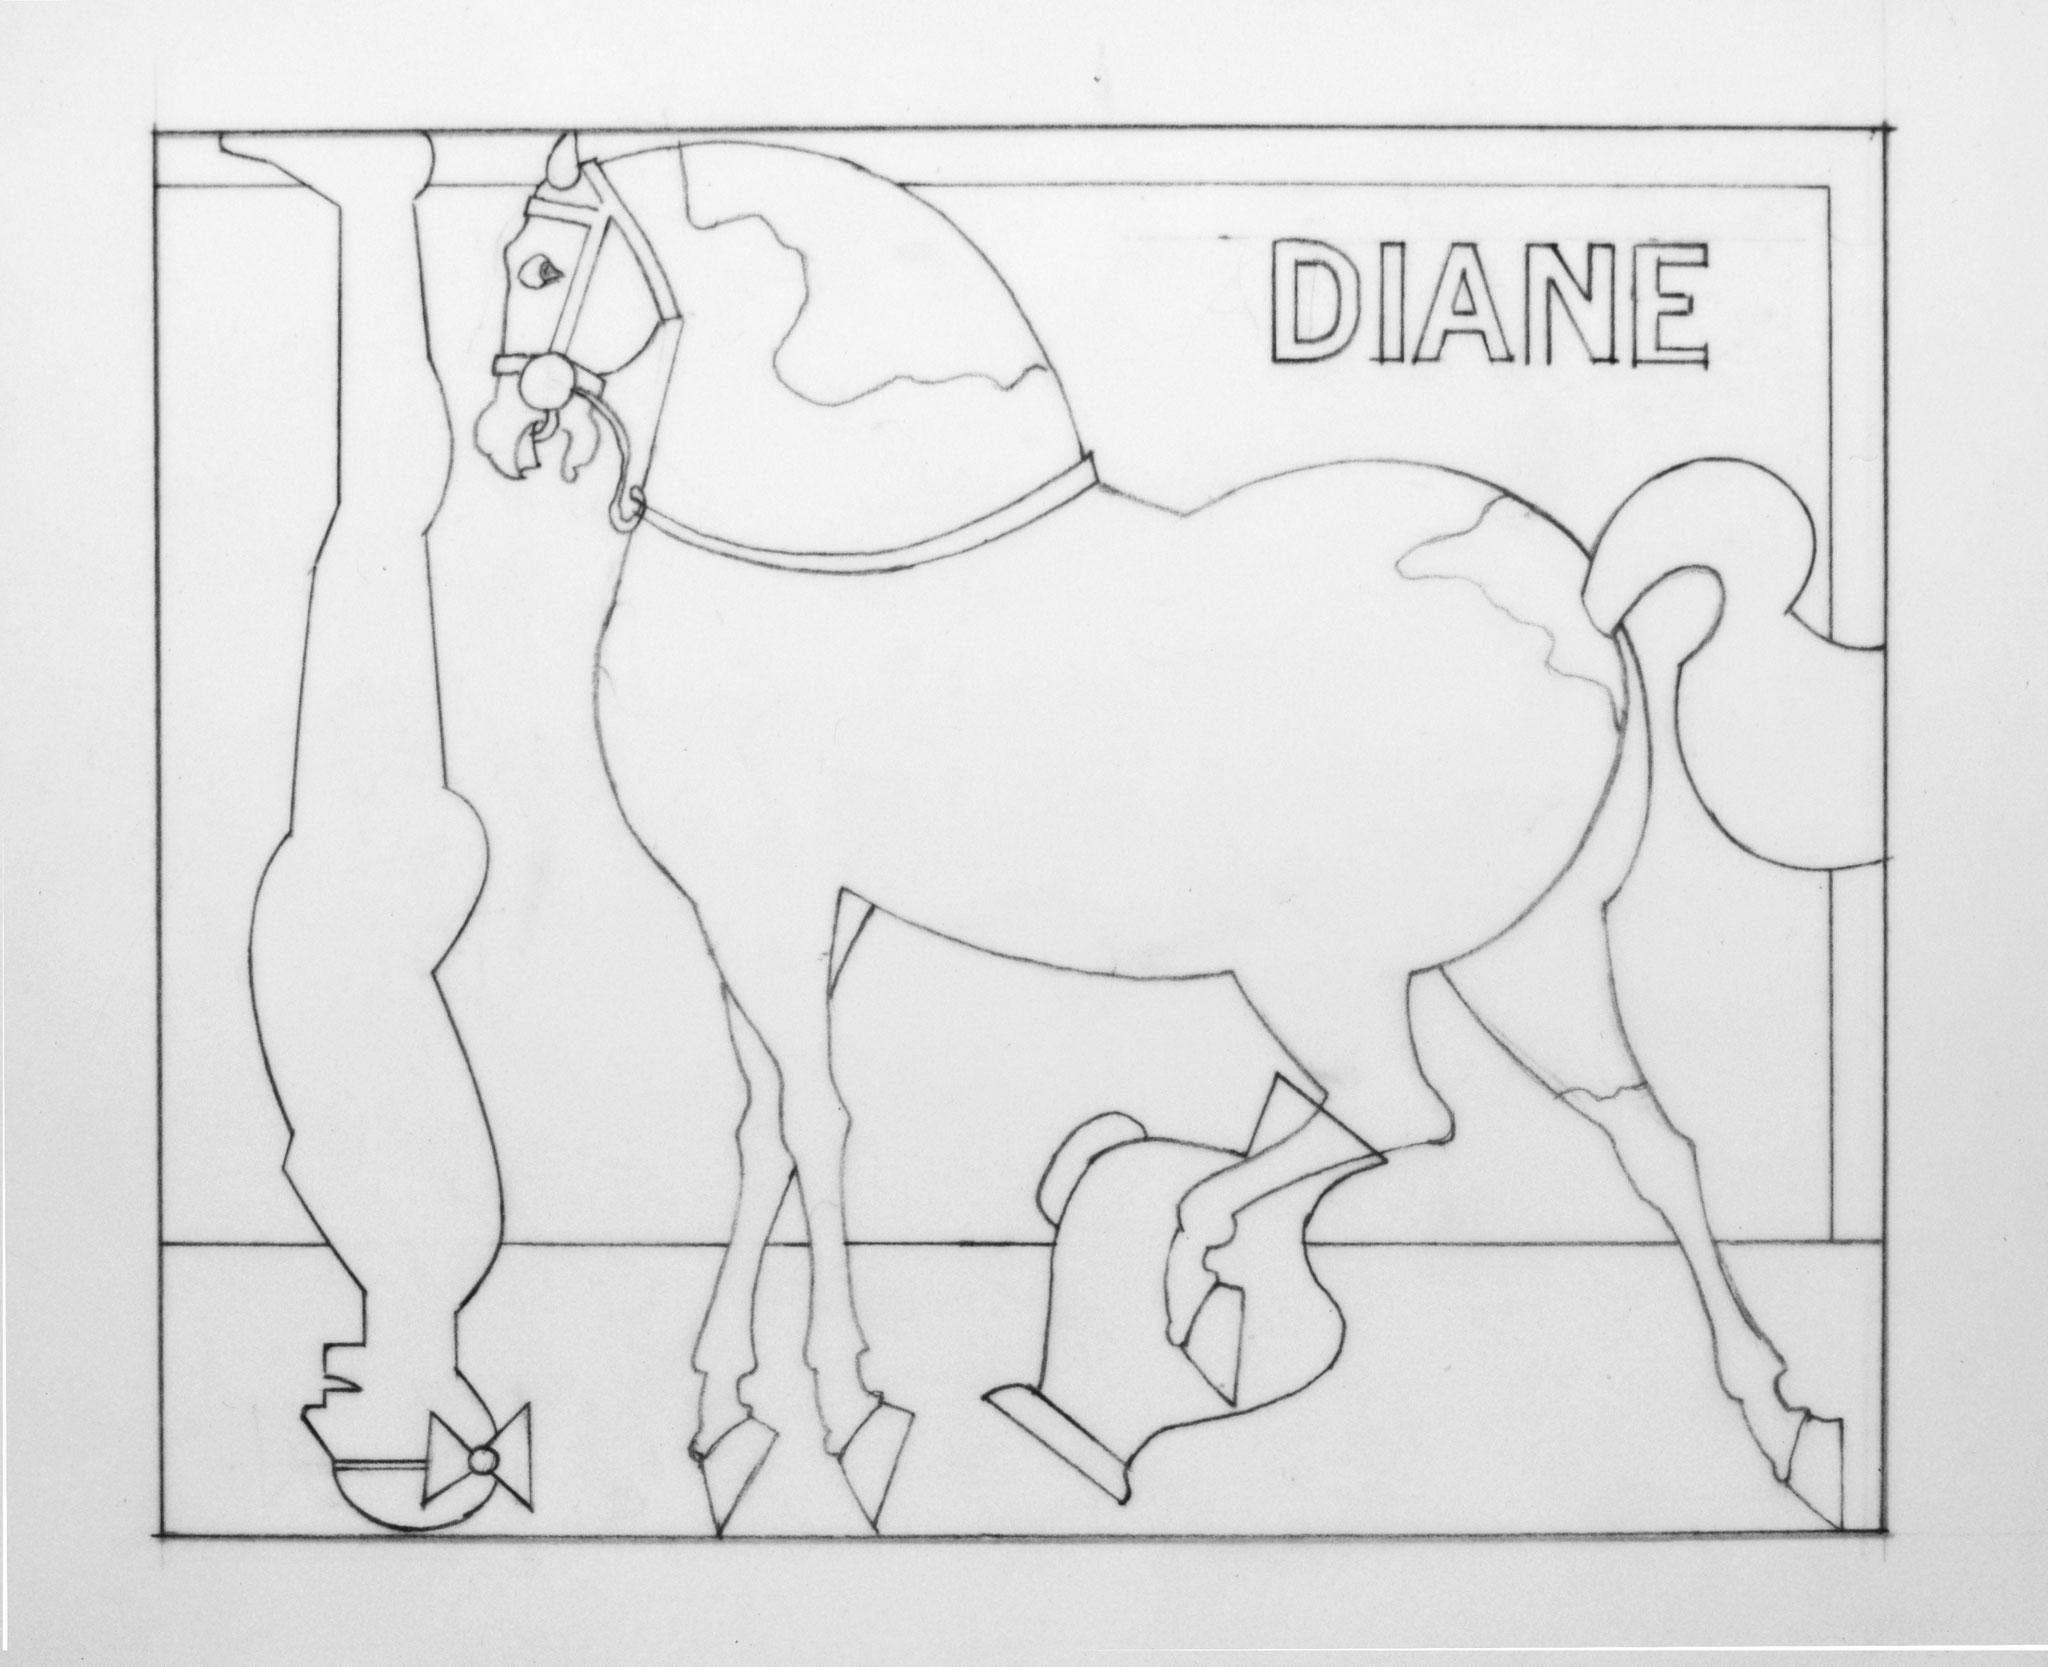 Etude Chevaux d'Oiron, crayon sur papier calque, 10,9 x 13,4, 1991 - Foto Hadler/Stuhr